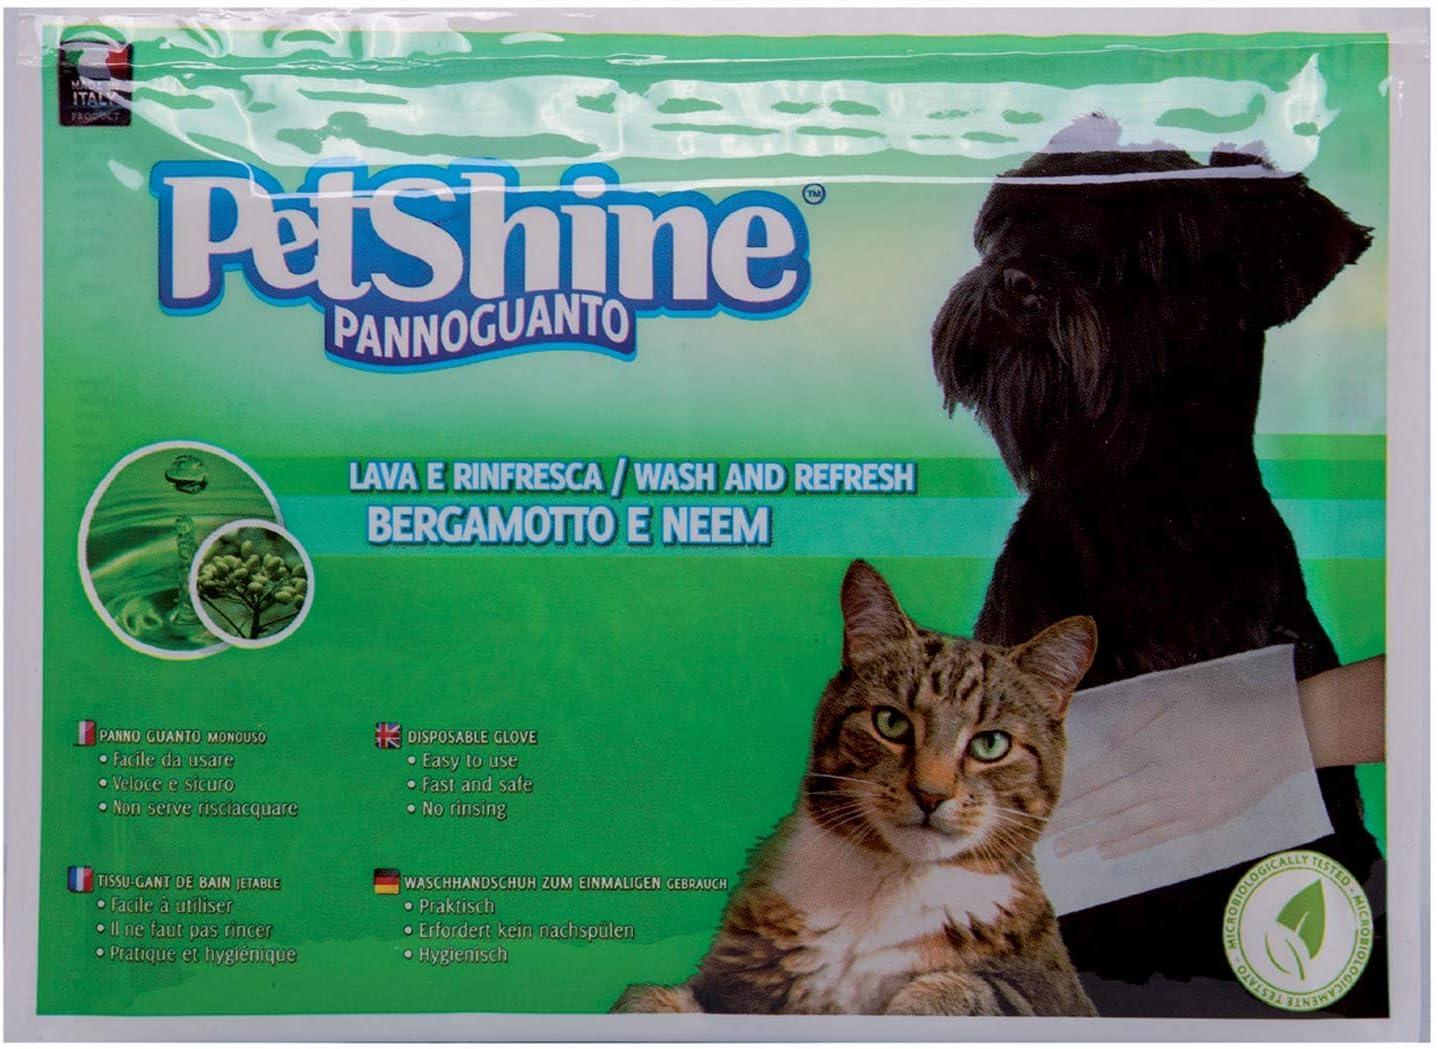 PETSHINE Paño desinfectante 28 Piezas para Perros, Gatos y Mascotas, 1 paño de Limpieza con Fragancia de bergamota, toallita húmeda sin Alcohol y parabeno, Limpiador y refrescante: Amazon.es: Productos para mascotas